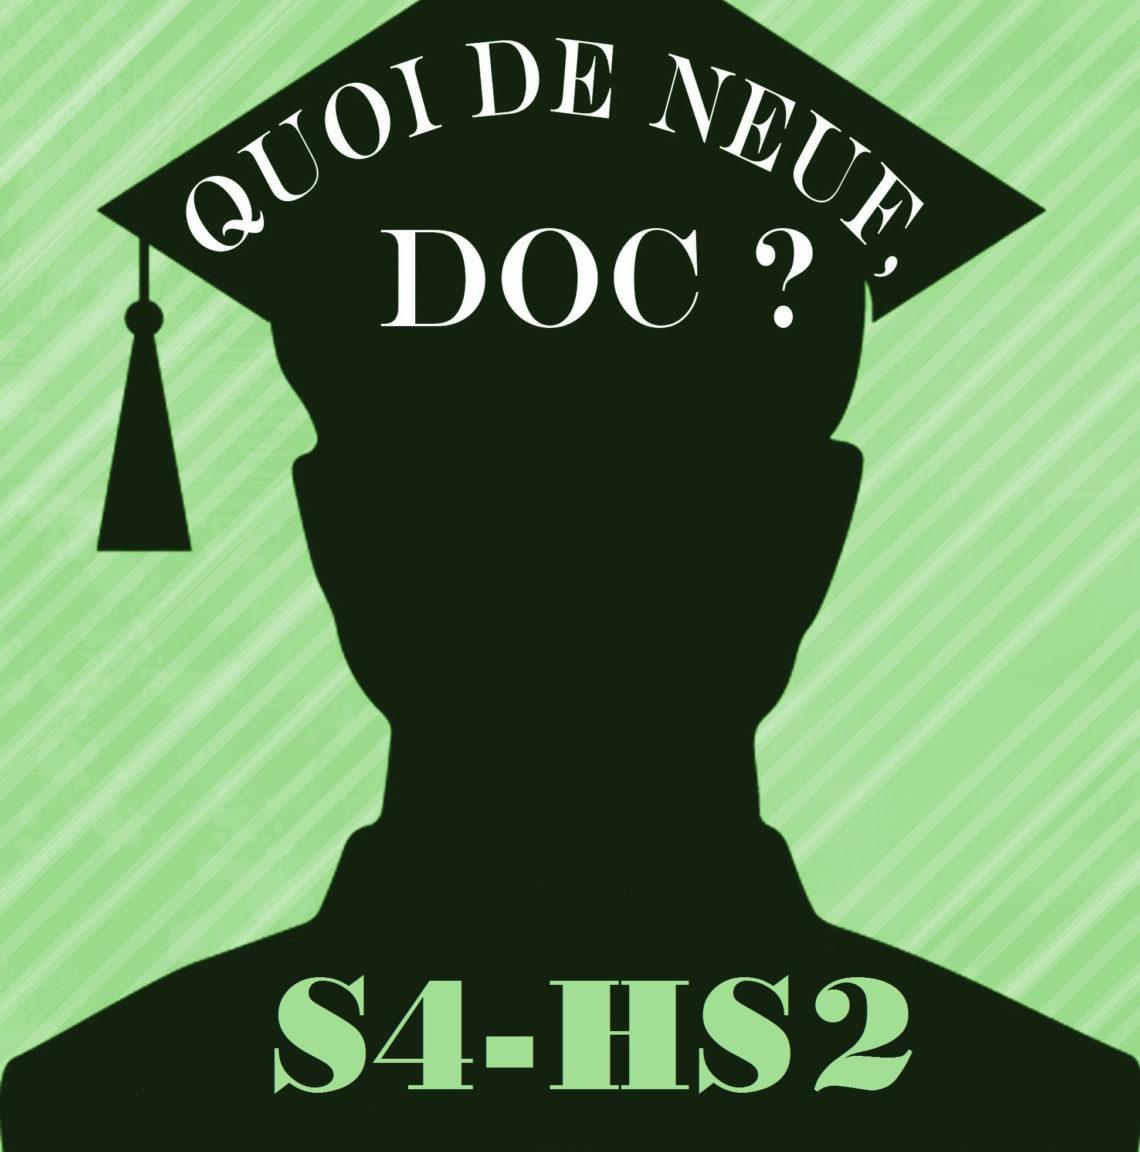 QDND S4HS2 émission du 26 Février